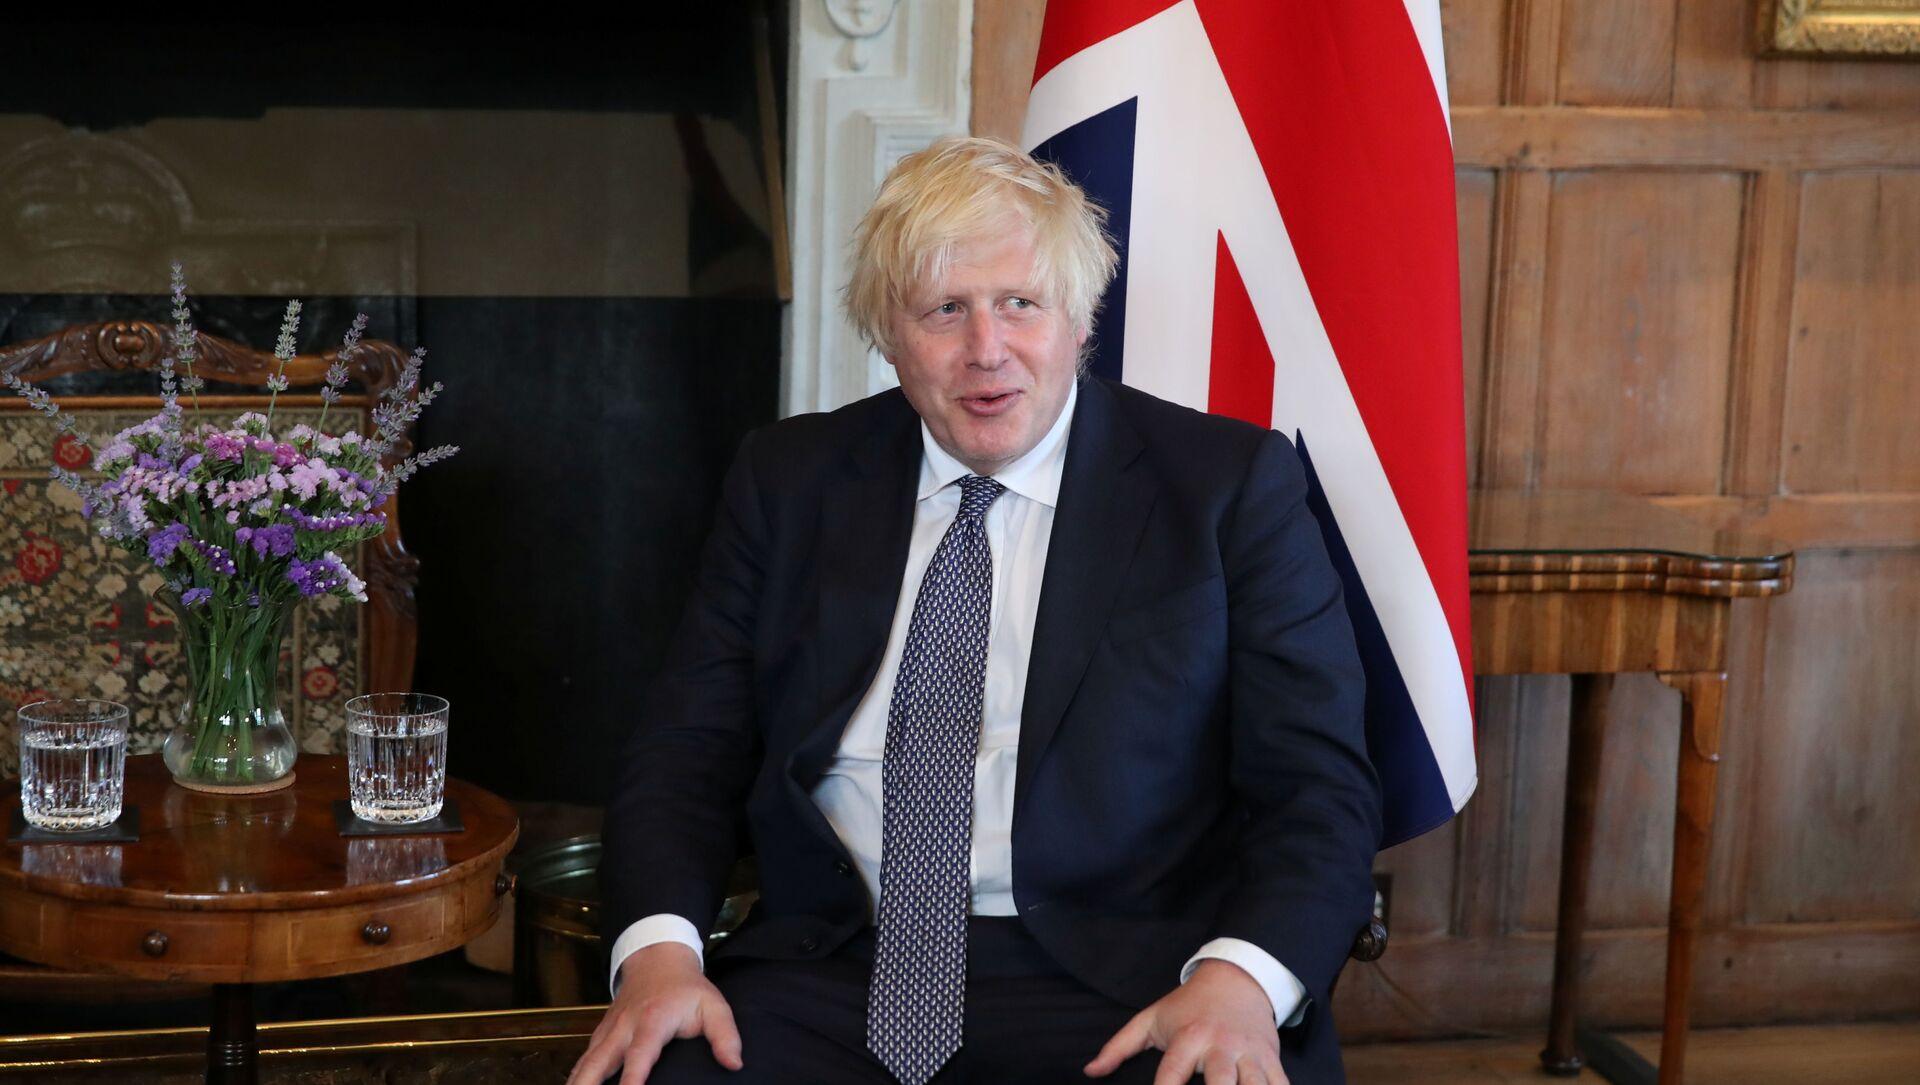 Britain's Prime Minister Boris Johnson. File photo  - Sputnik International, 1920, 29.07.2021